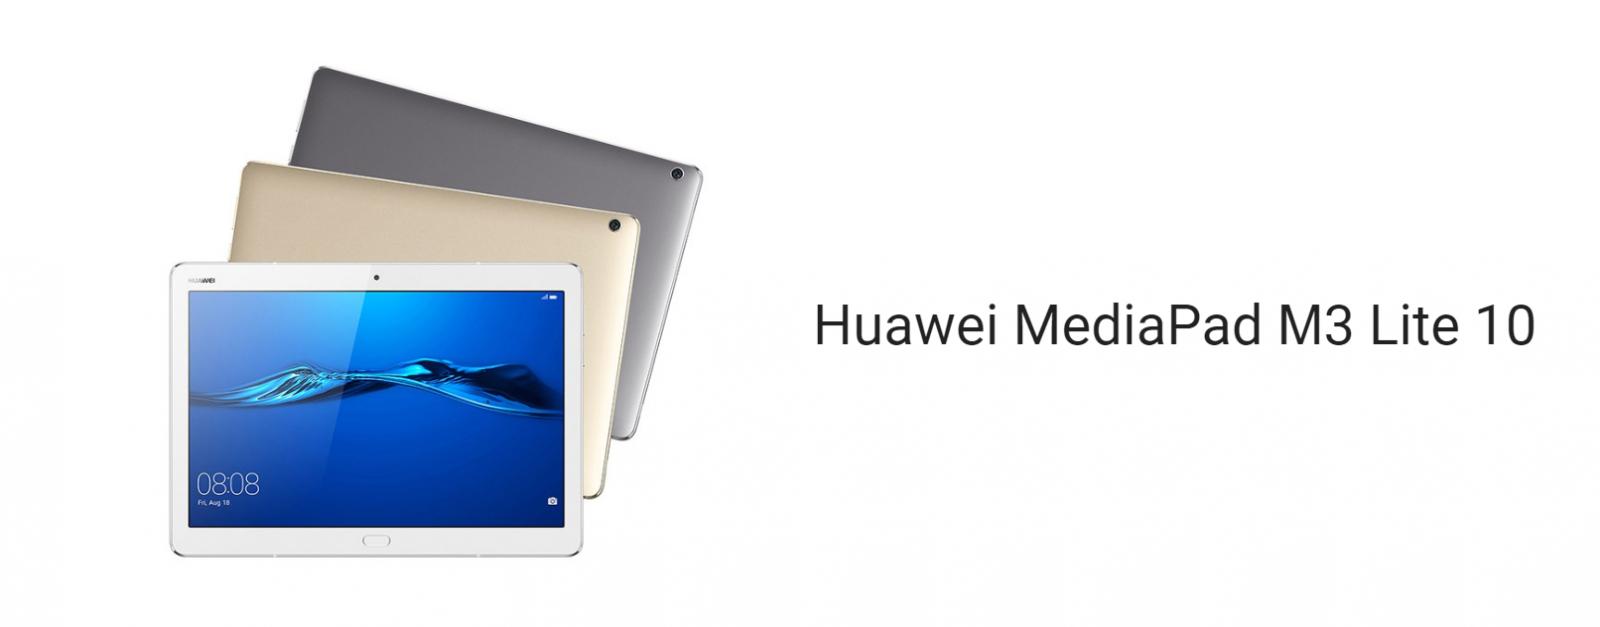 Планшет Huawei MediaPad M3 lite 10 с разрешением экрана full hd 1920 x 1080